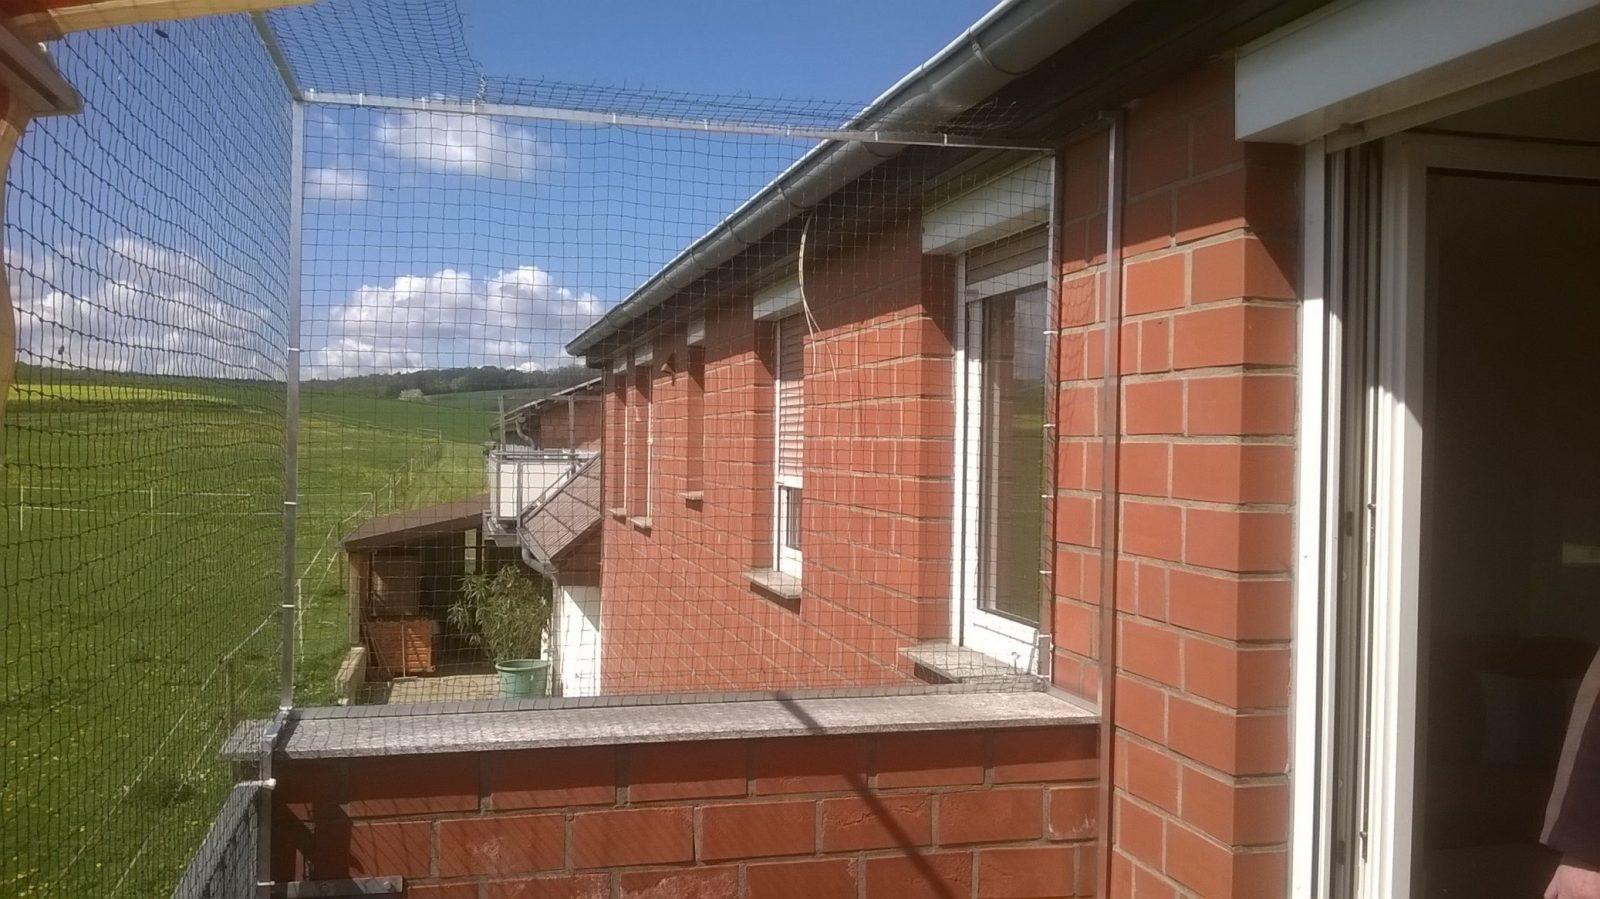 Freistehendes Katzennetz Für Balkon Ohne Bohren   Katzennetze Nrw von Katzenschutznetz Balkon Ohne Bohren Bild